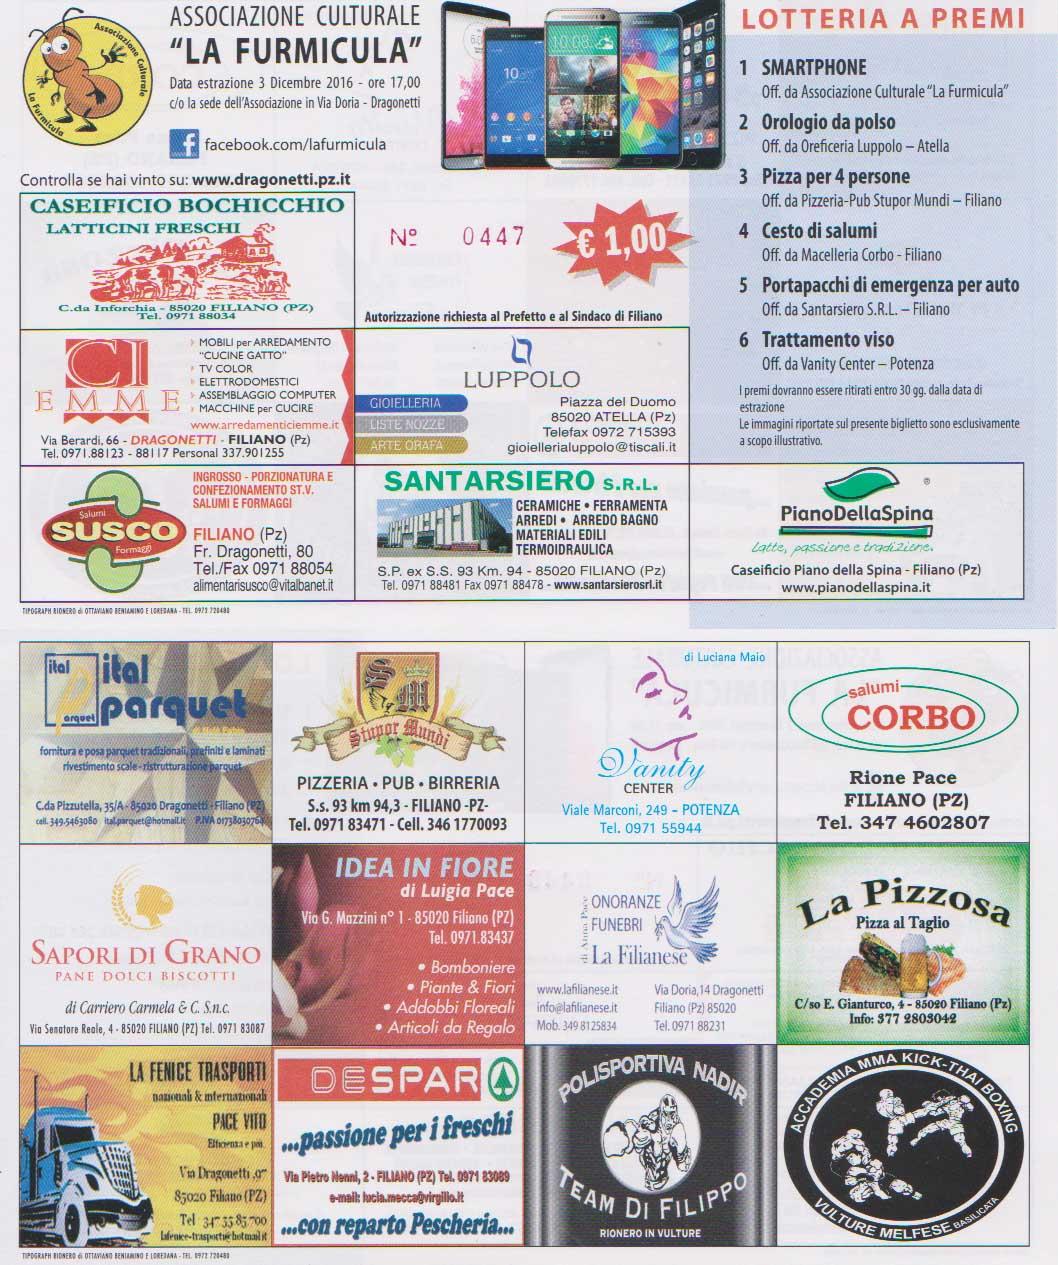 Lotteria La Furmicula 2016